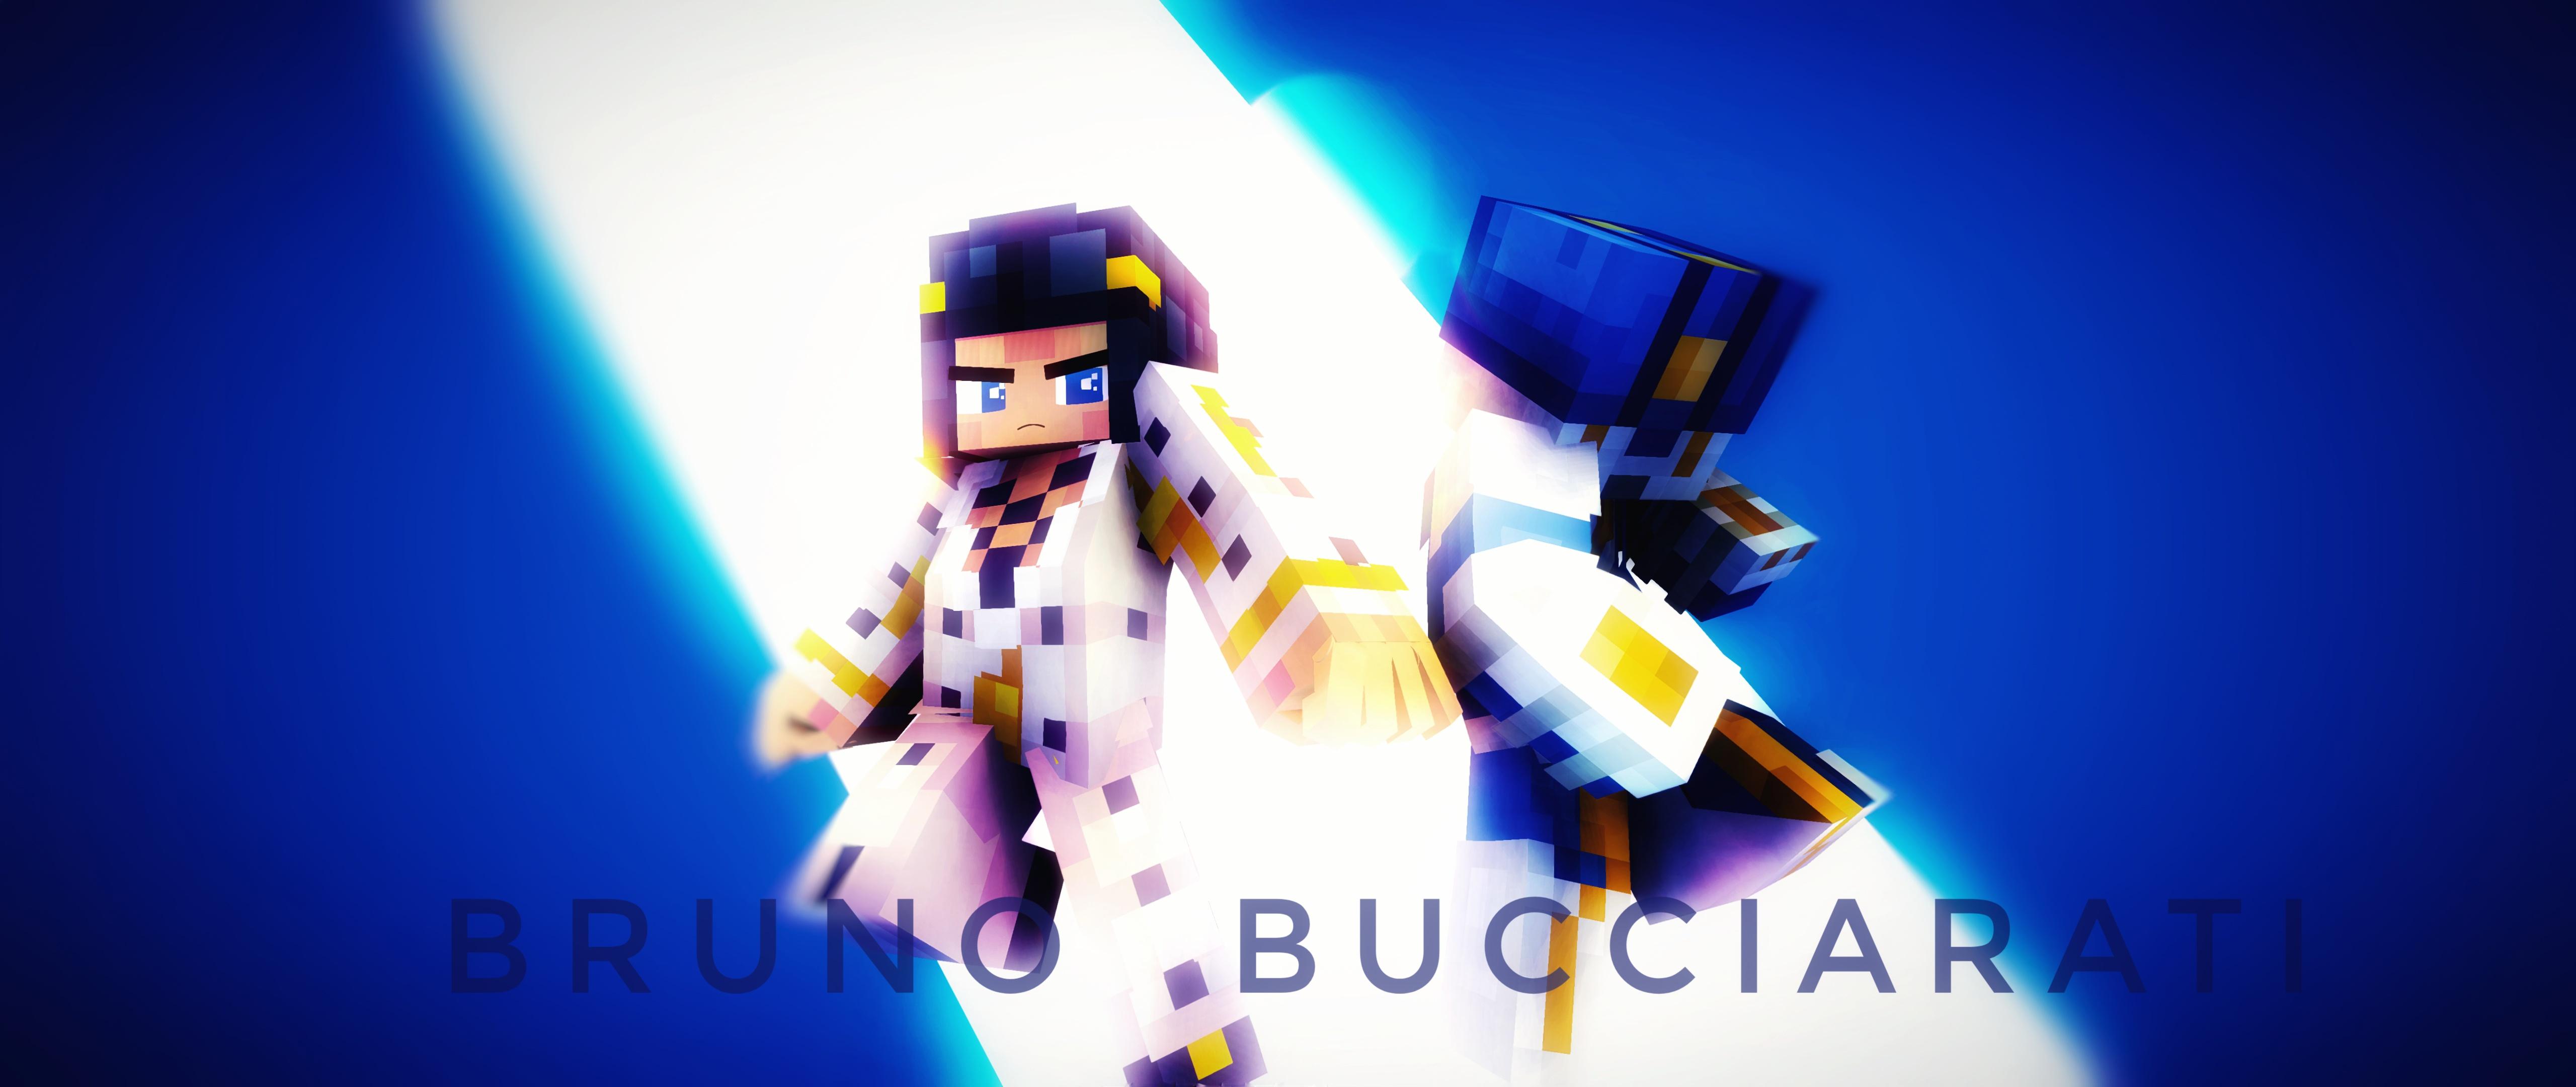 Bruno Bucciarati (4K)